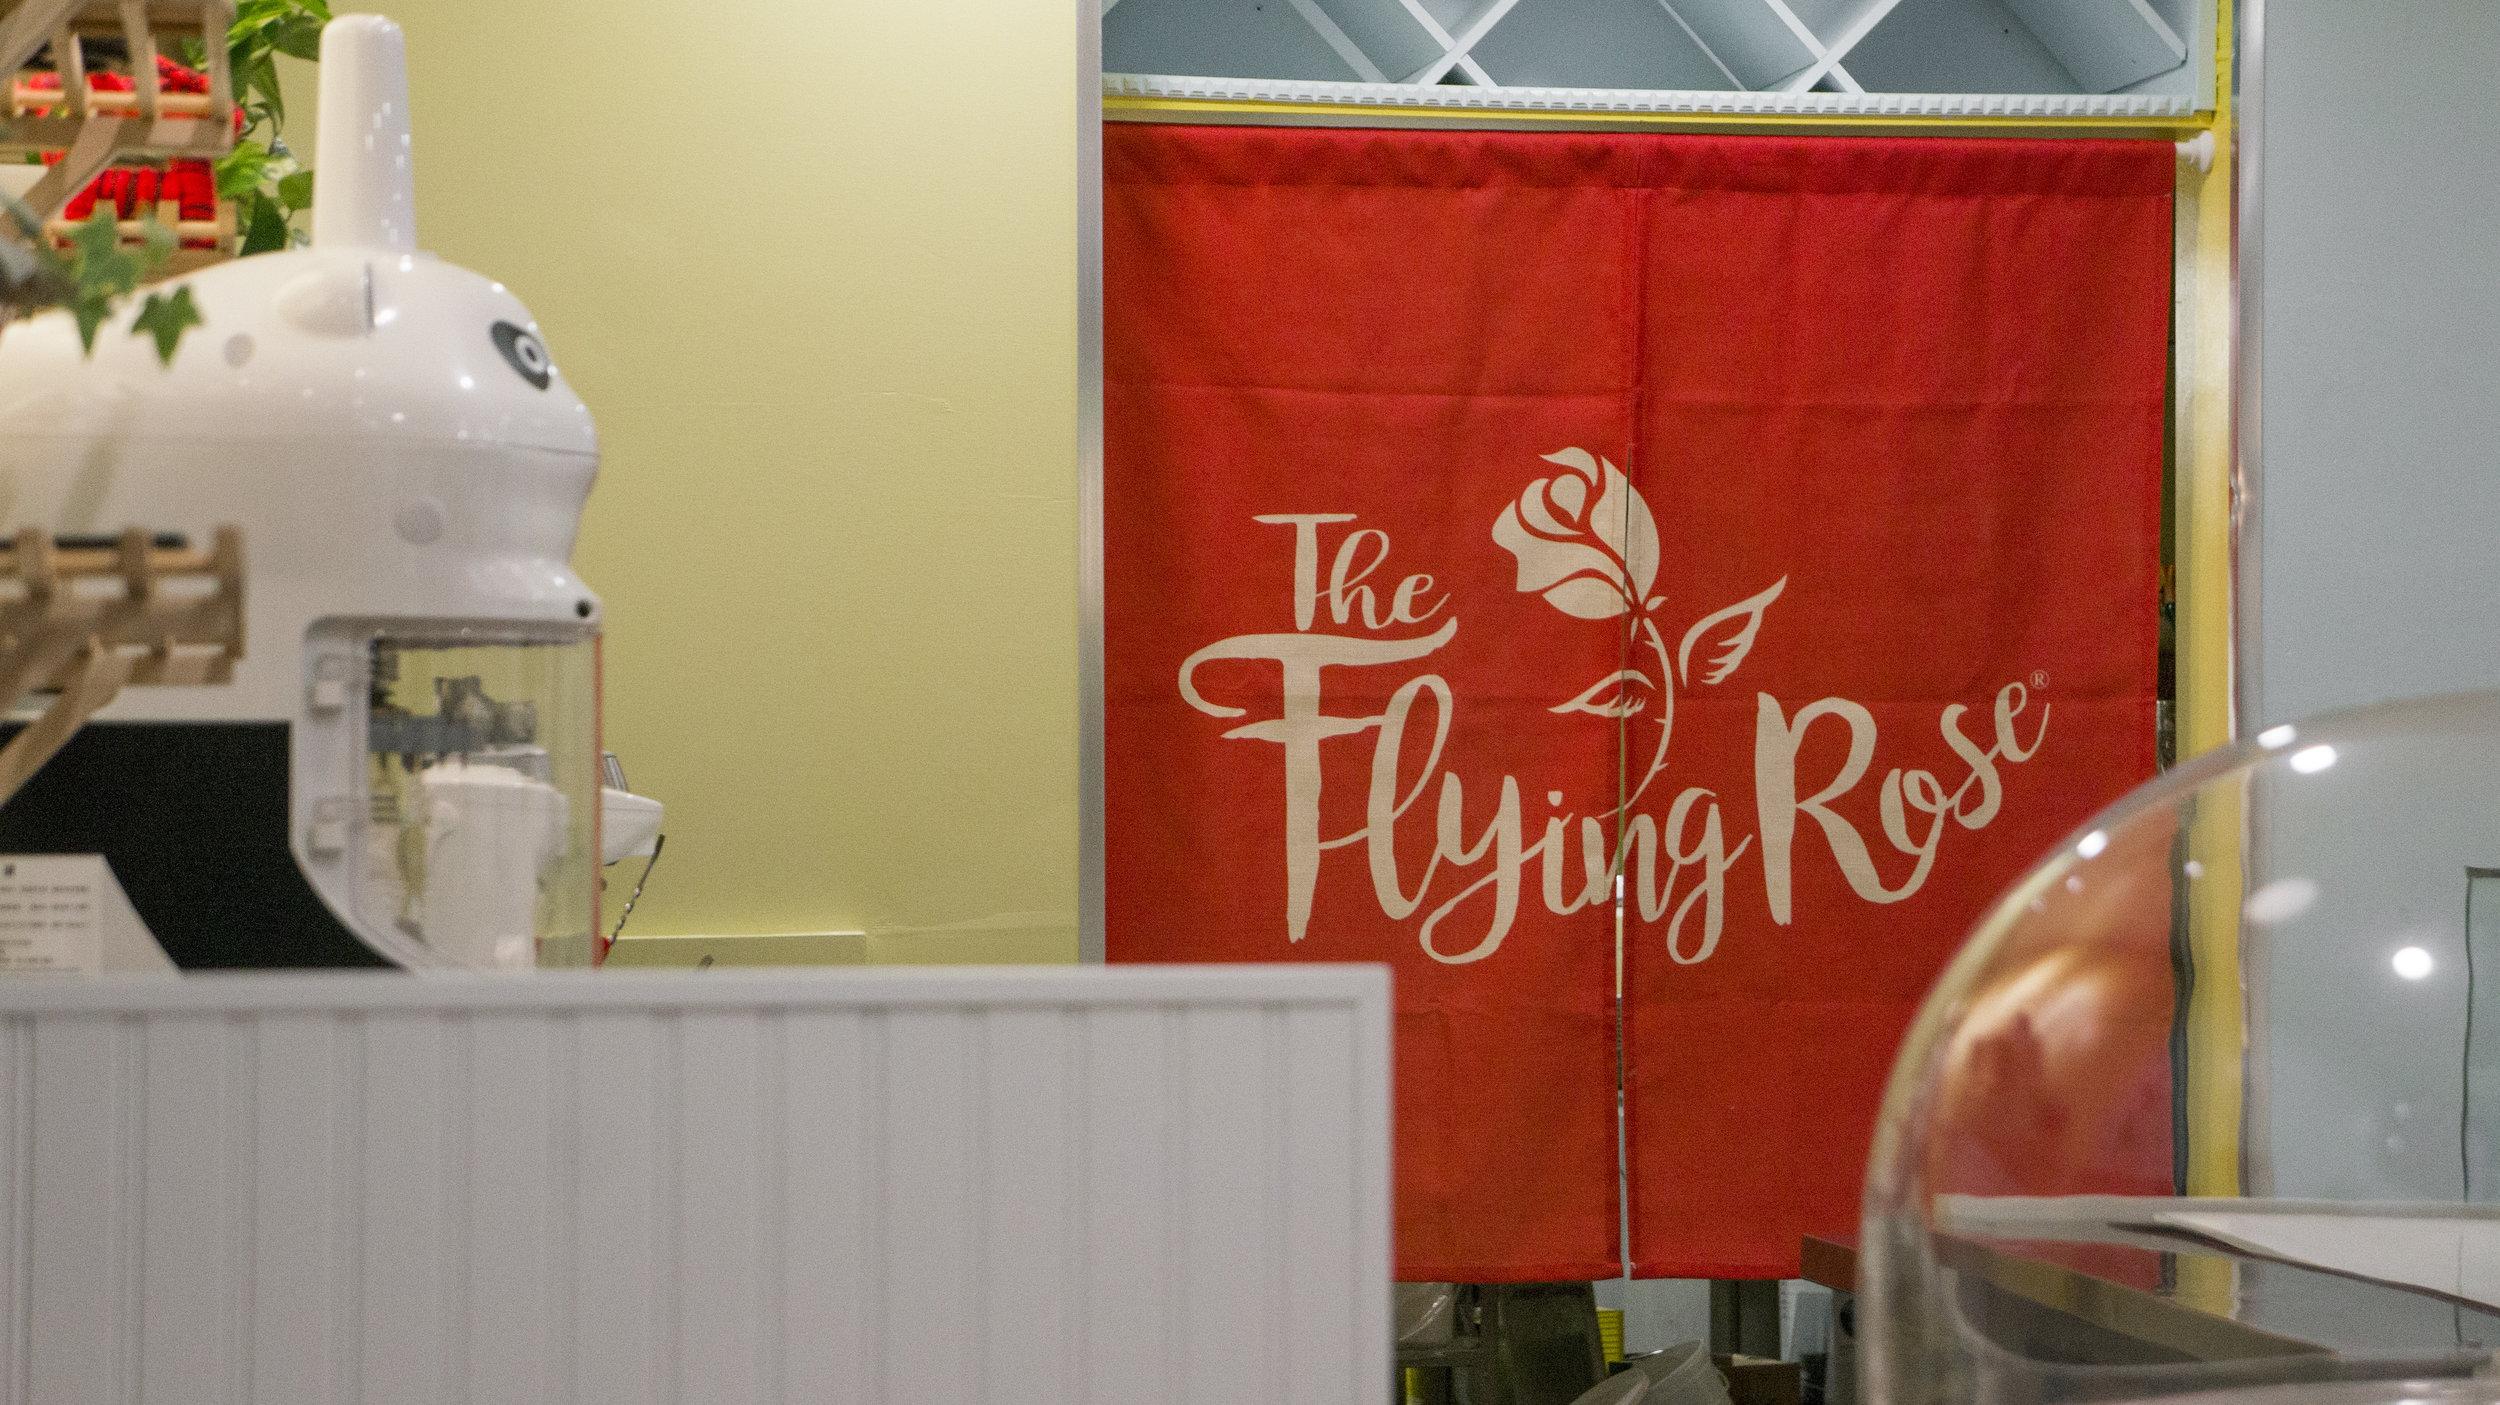 the_flying_rose.1003.jpg